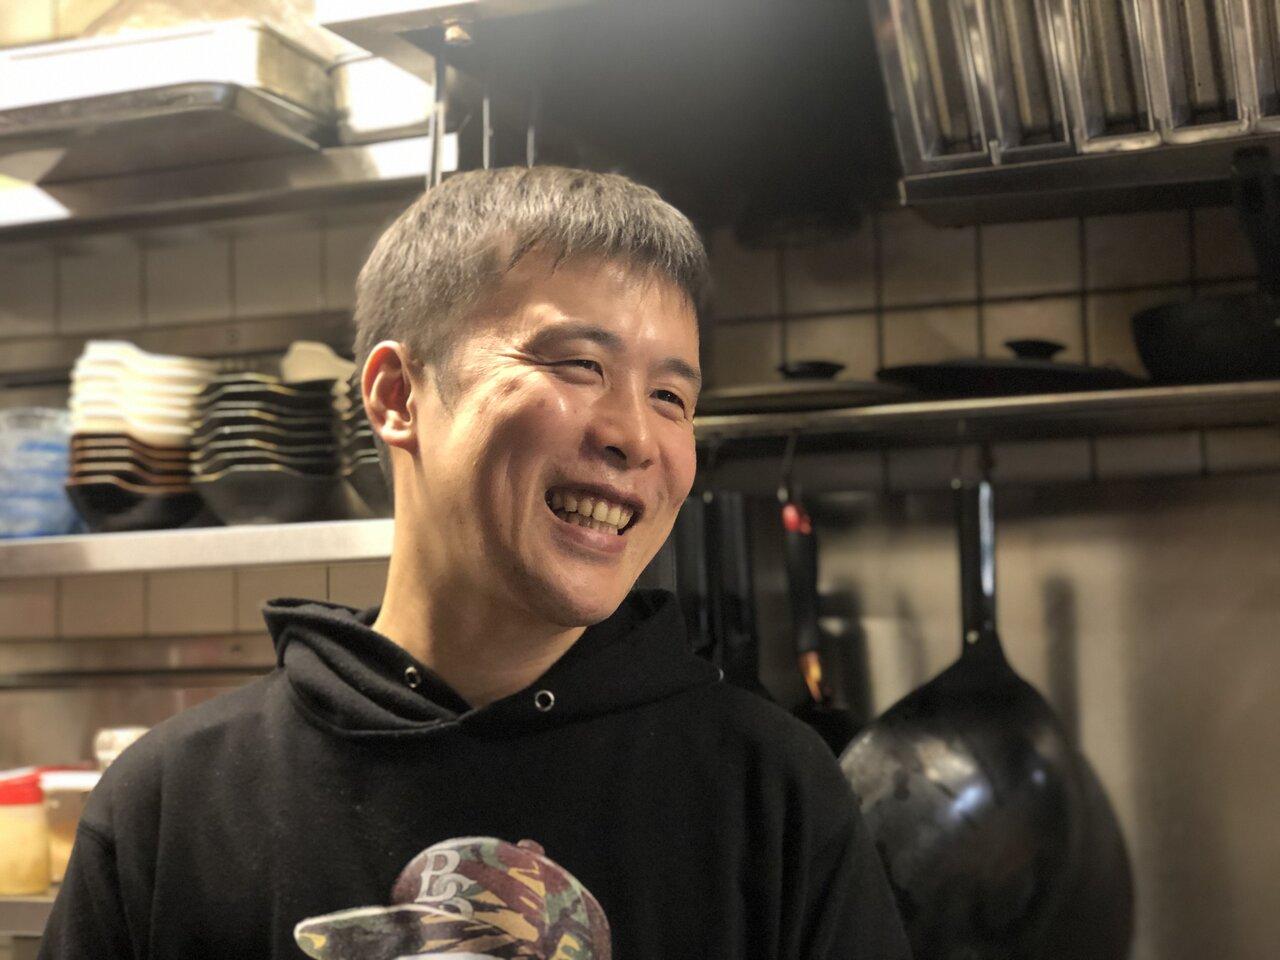 「酒とは料理の楽しさを倍増してくれるもの」…京都・西院の和中創作居酒屋店主の噺